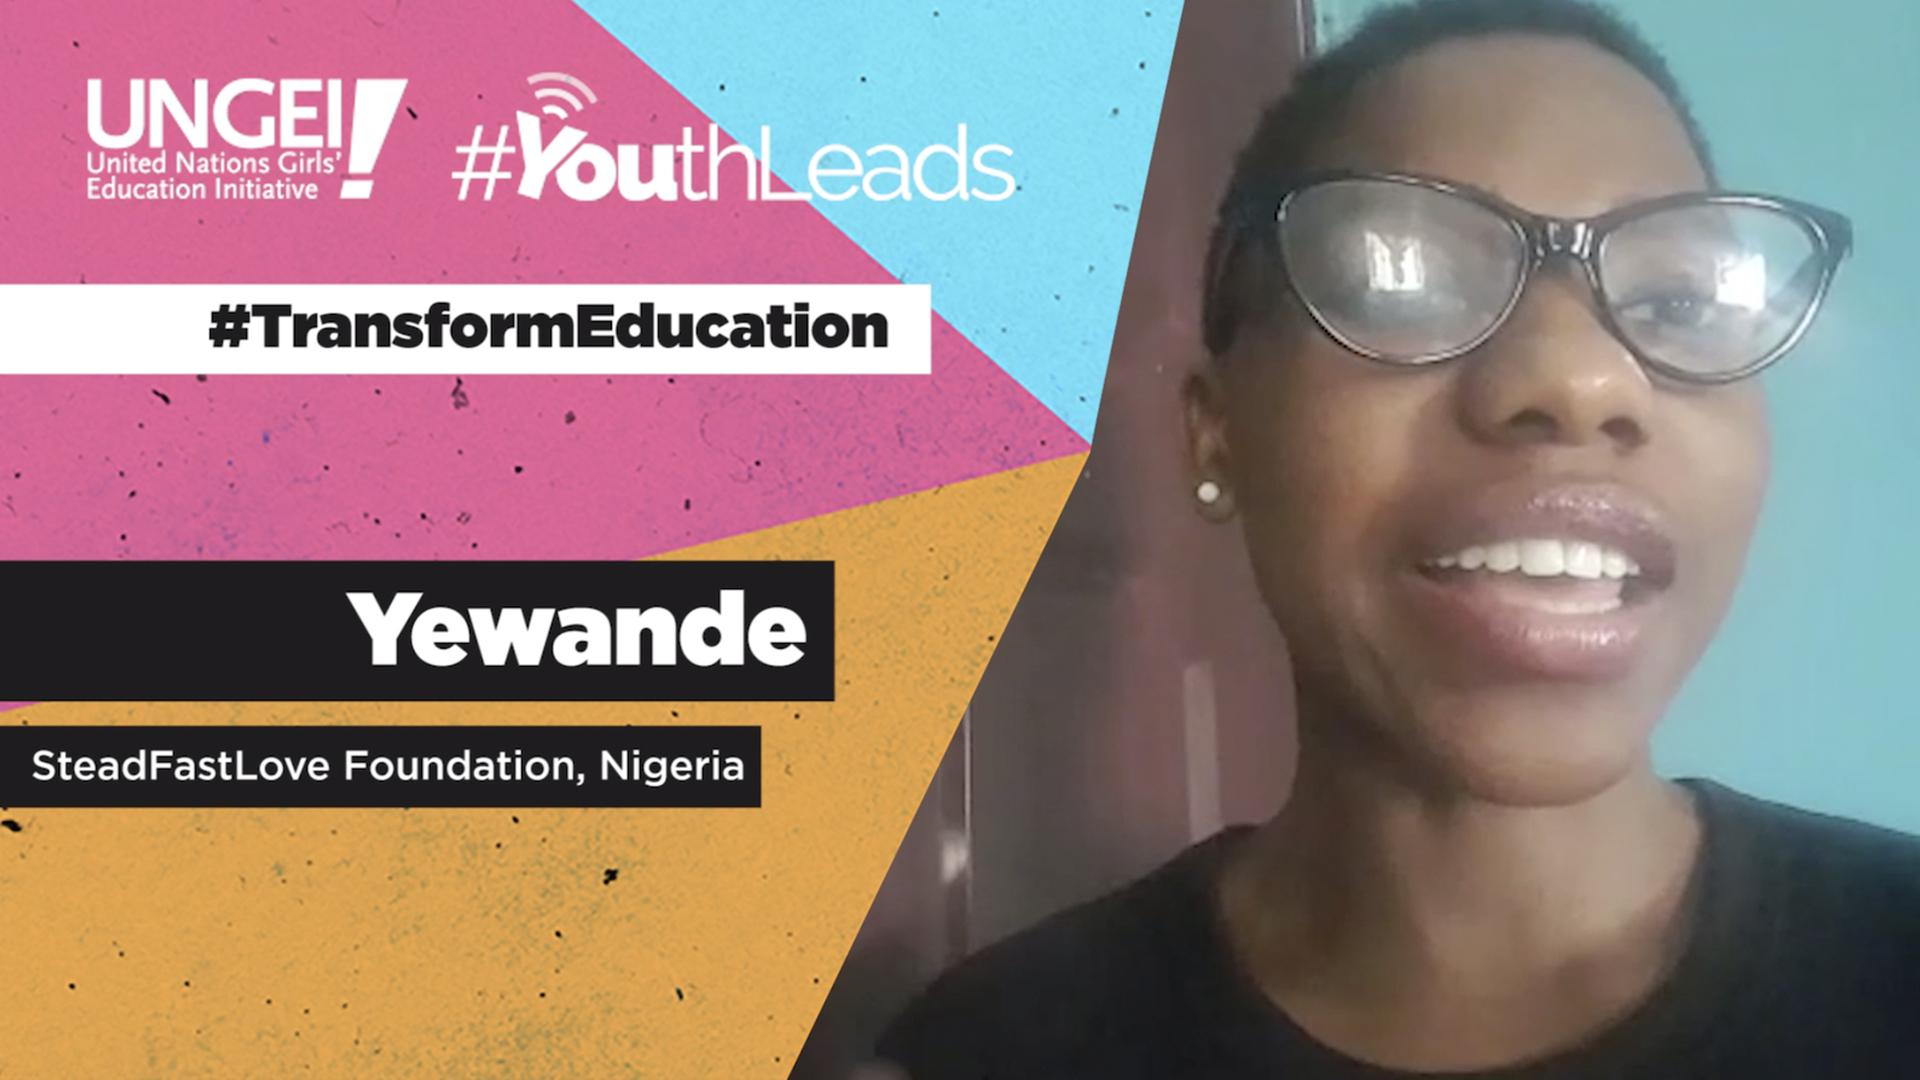 Yewande, SteadFastLove Foundation, Nigeria